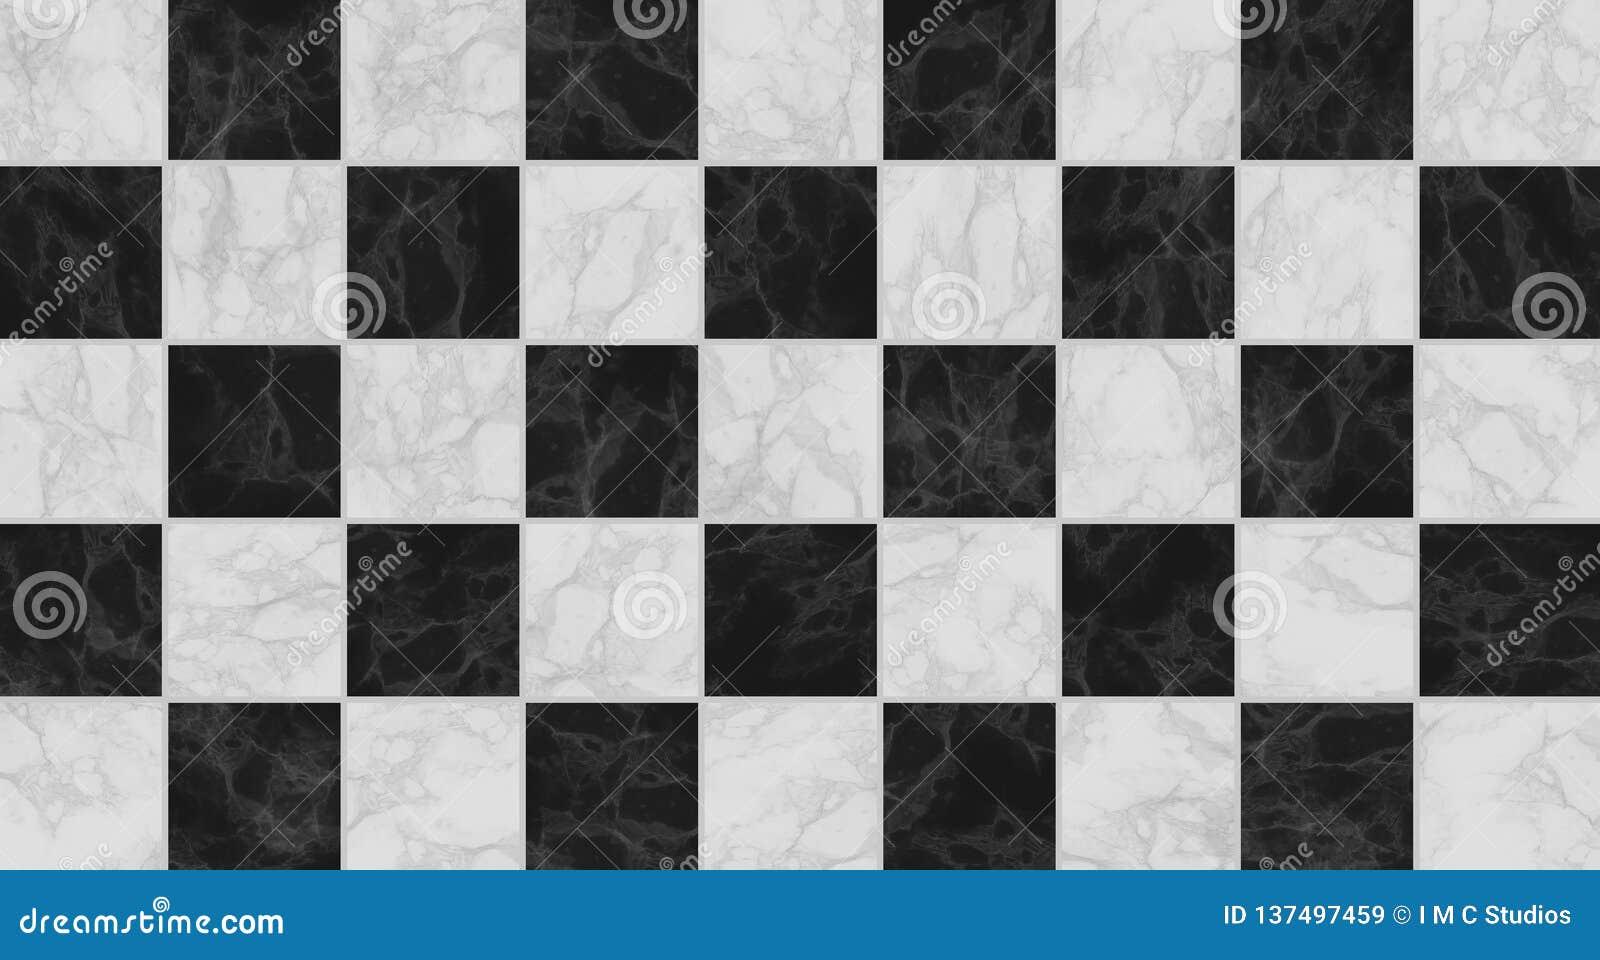 Marble Granite Tile Pattern Illustration Stock Illustration Illustration Of Tile Pattern 137497459